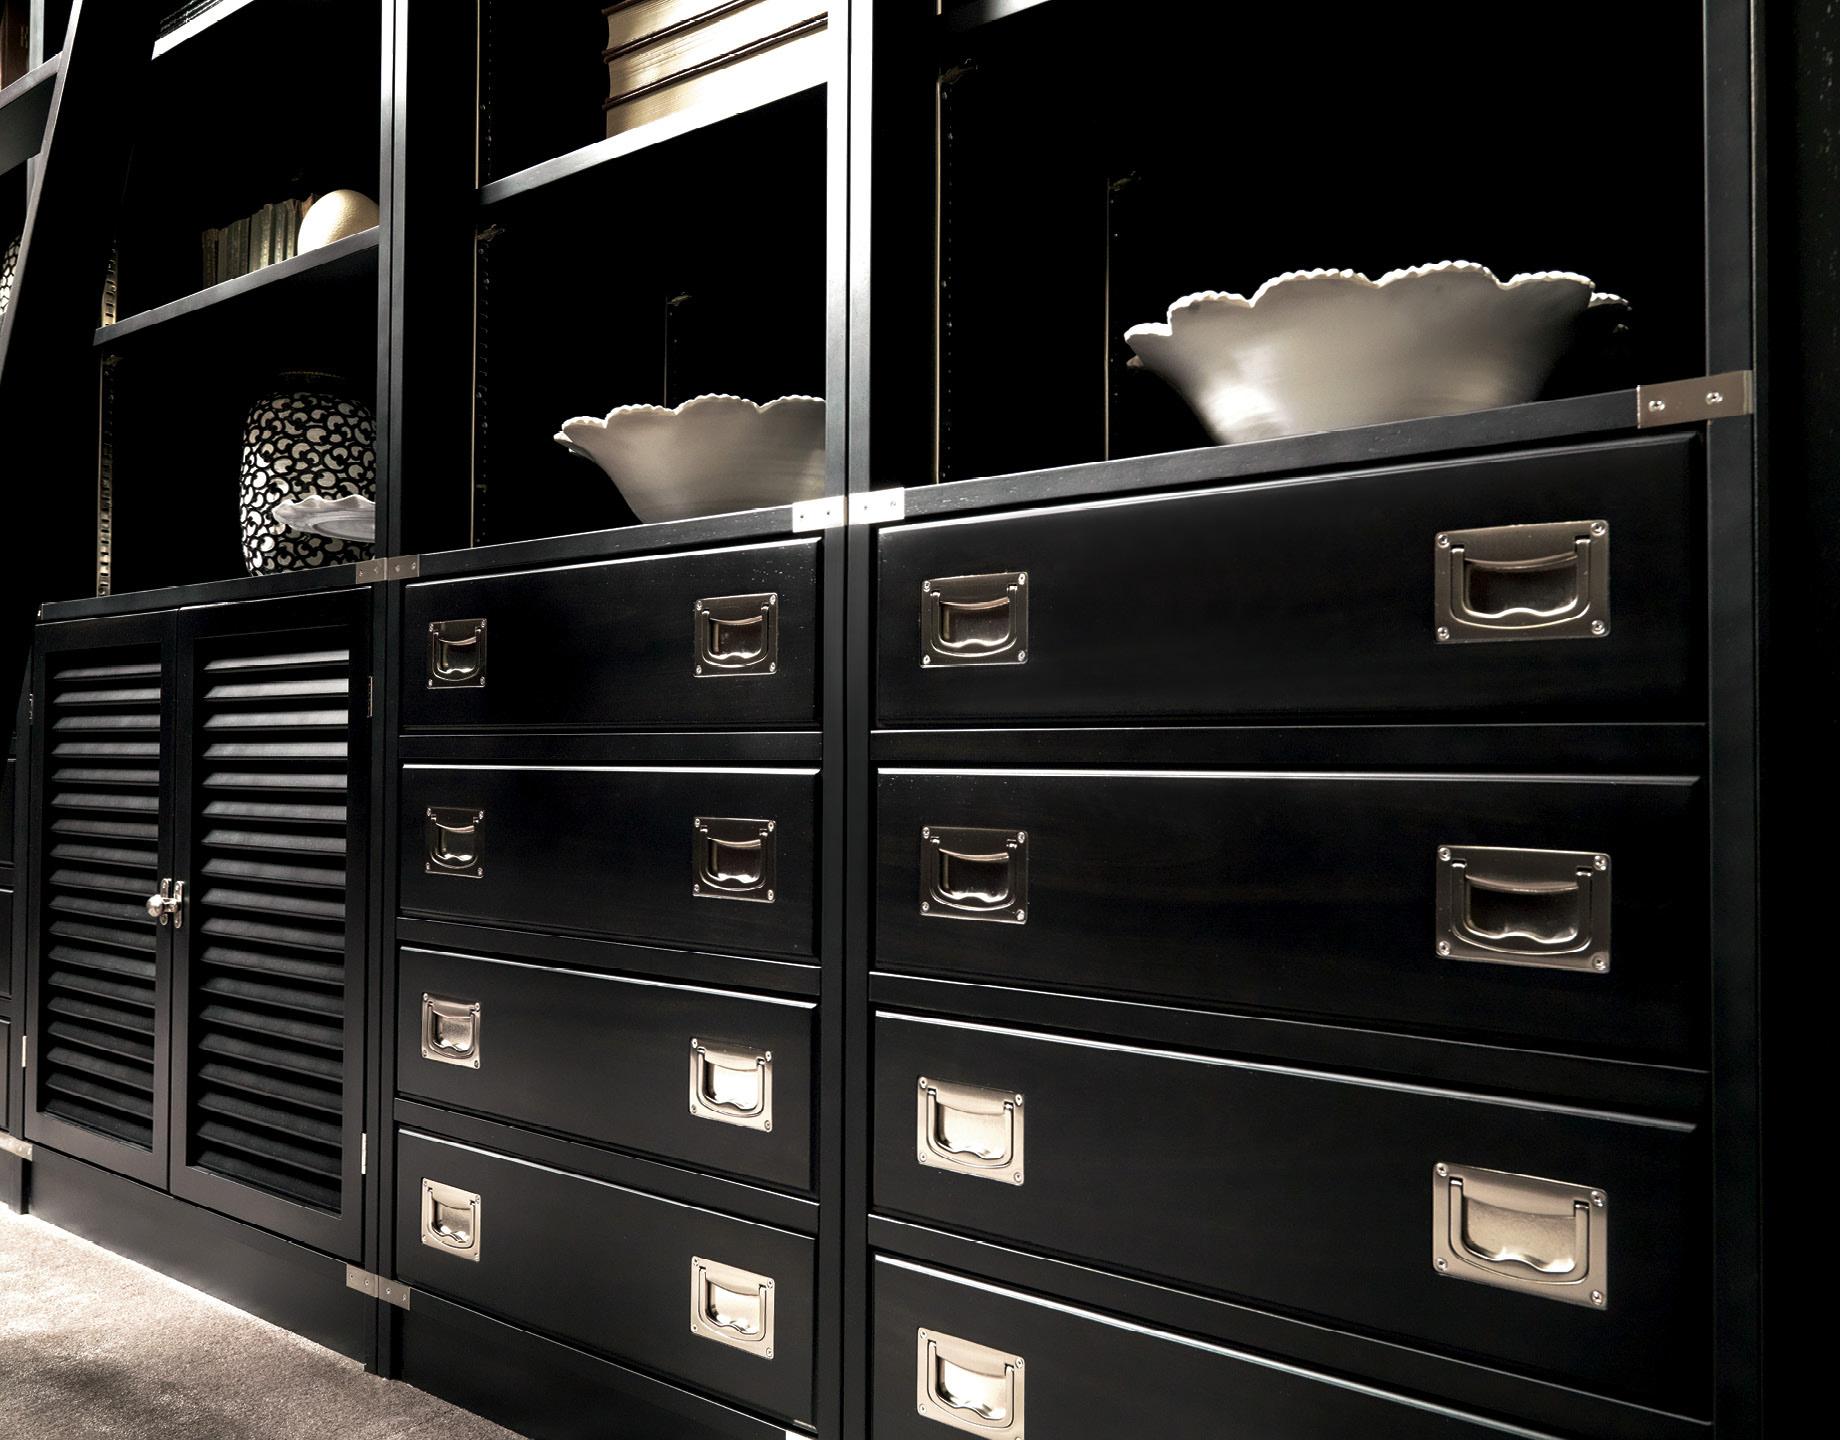 Iostobenequi libreria black in stile neoclassico chic for Arredamento neoclassico